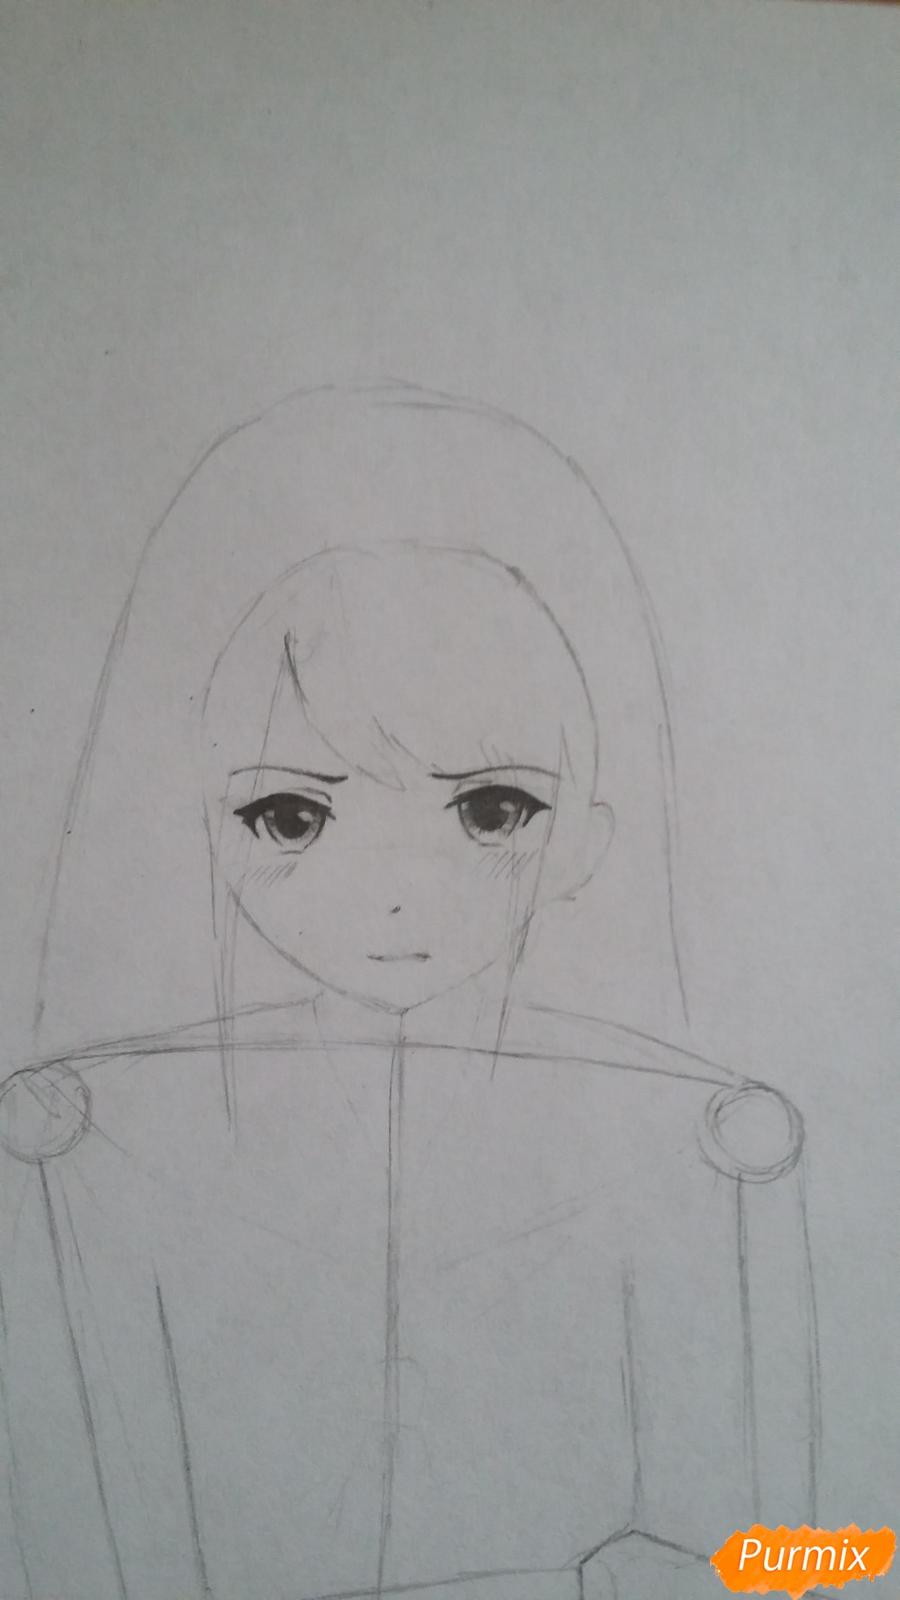 Рисуем девушку с катаной в аниме стиле - шаг 3